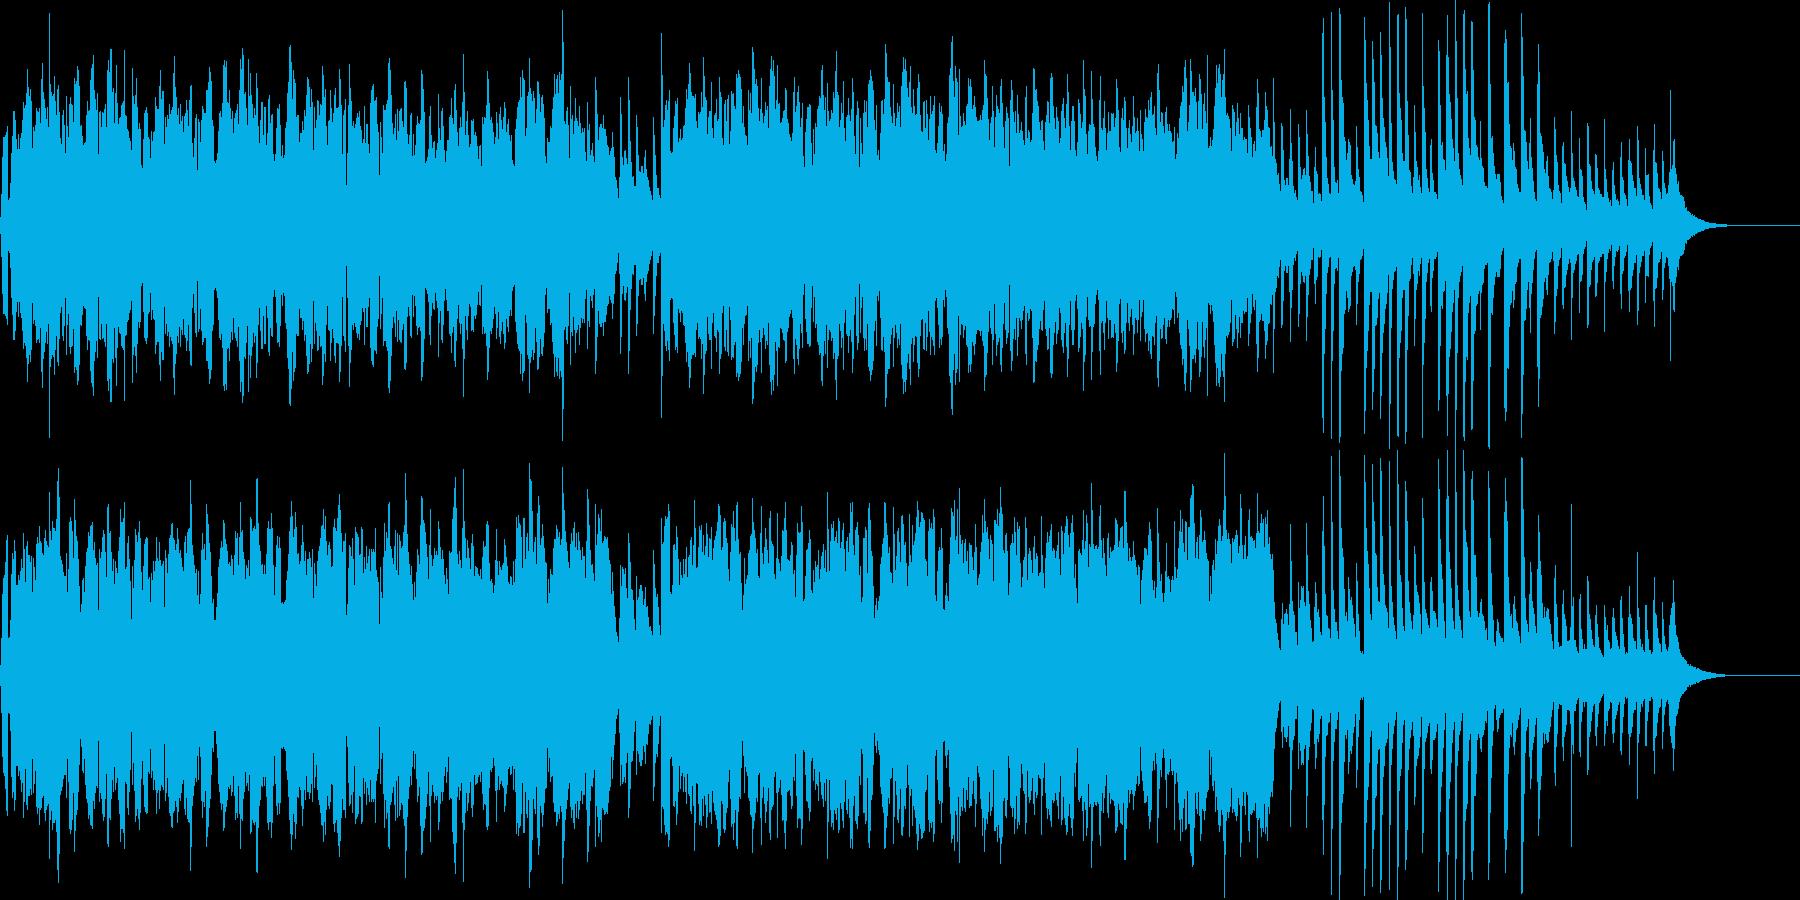 伝統を感じるワールド・ミュージックの再生済みの波形